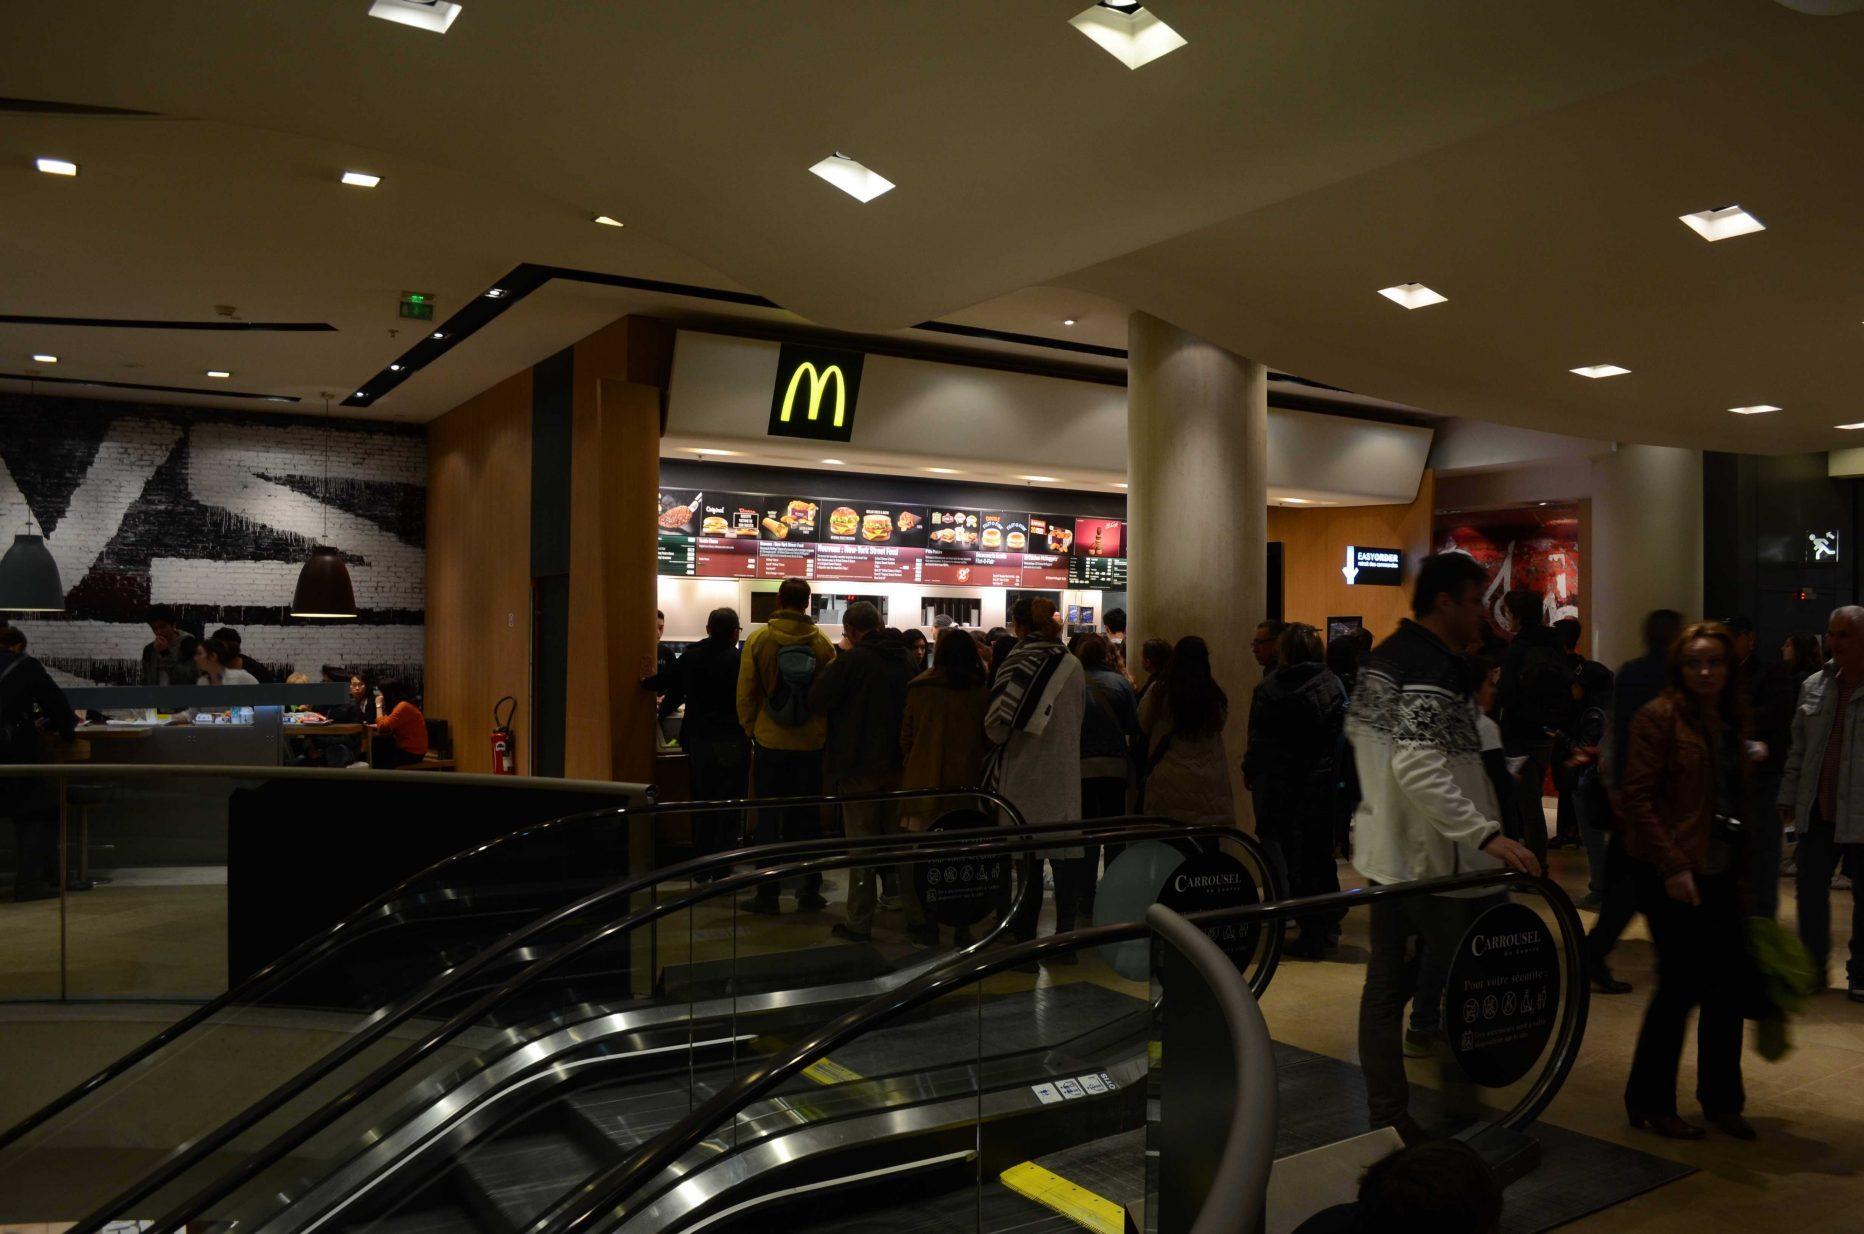 McDonald's Paris carrousel du louvre